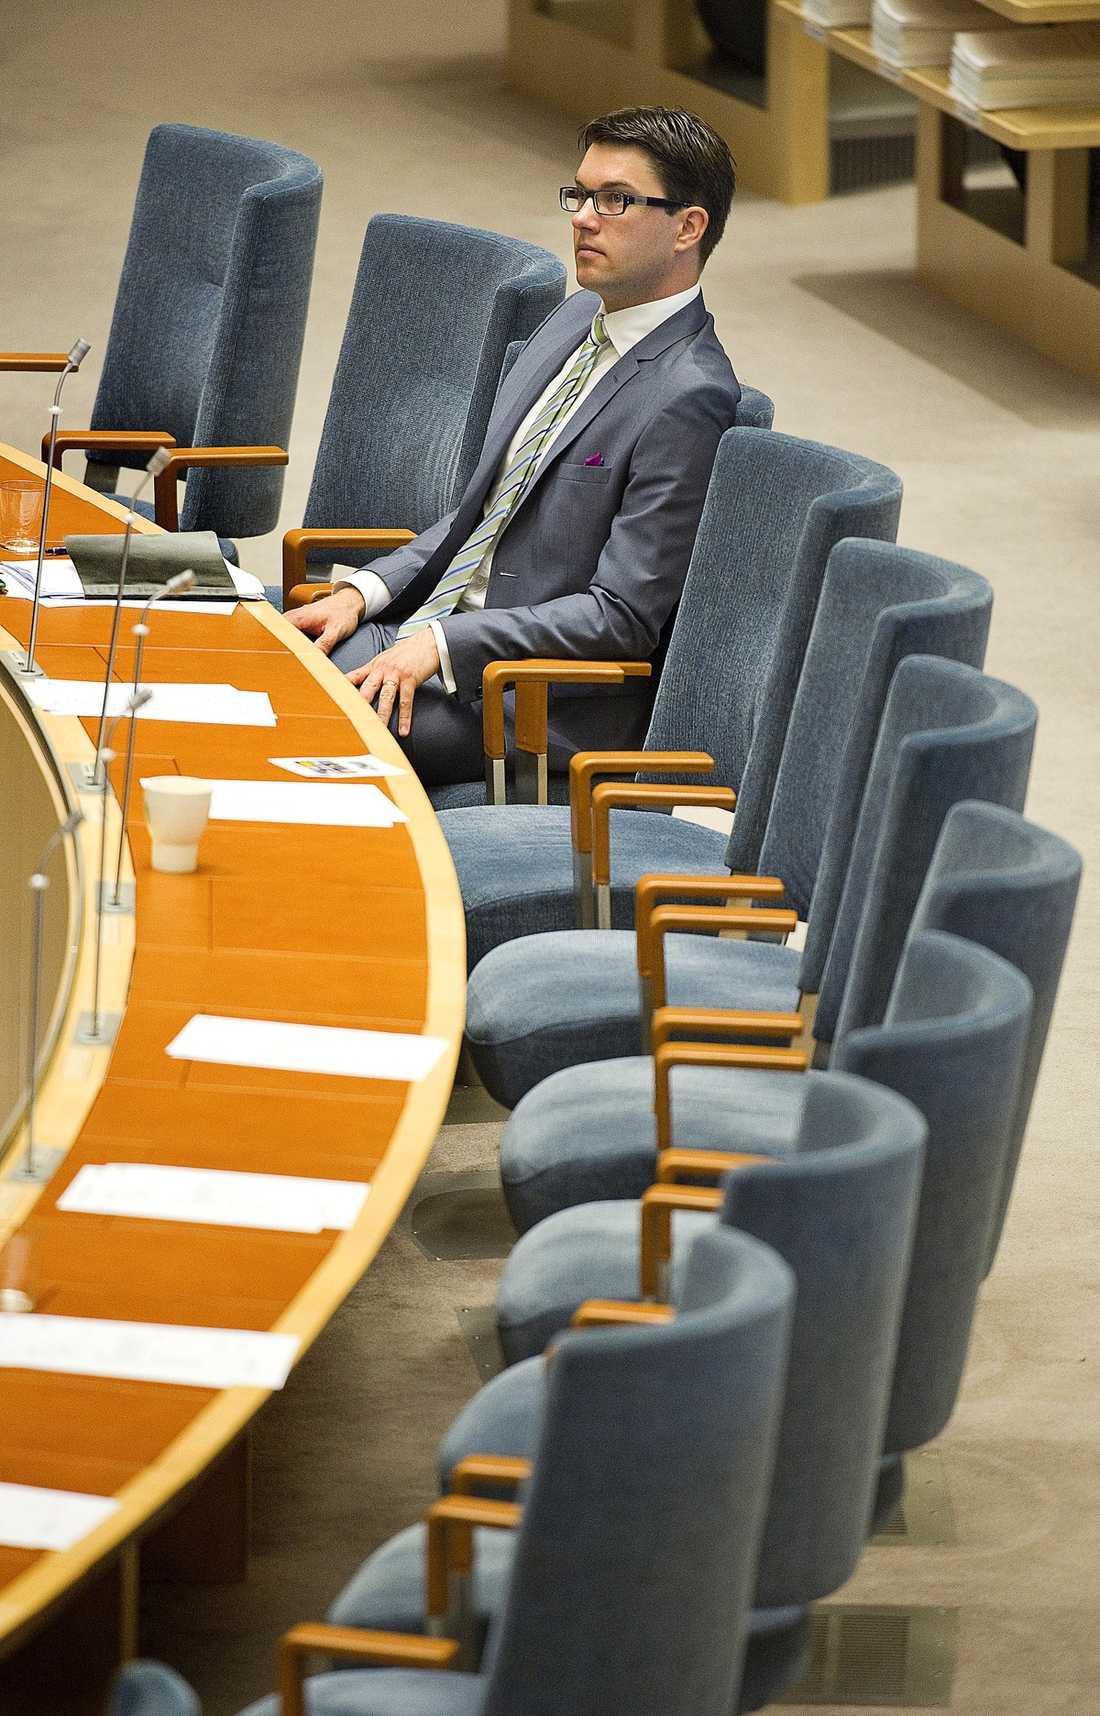 TA DEBATTEN  Hur hopplöst den än kan vara måste vi debattera Sverigedemokraternas föreställningar om arabiska konspirationer. För Åkesson har ett rätt, det gäller kanske Europas viktigaste fråga.